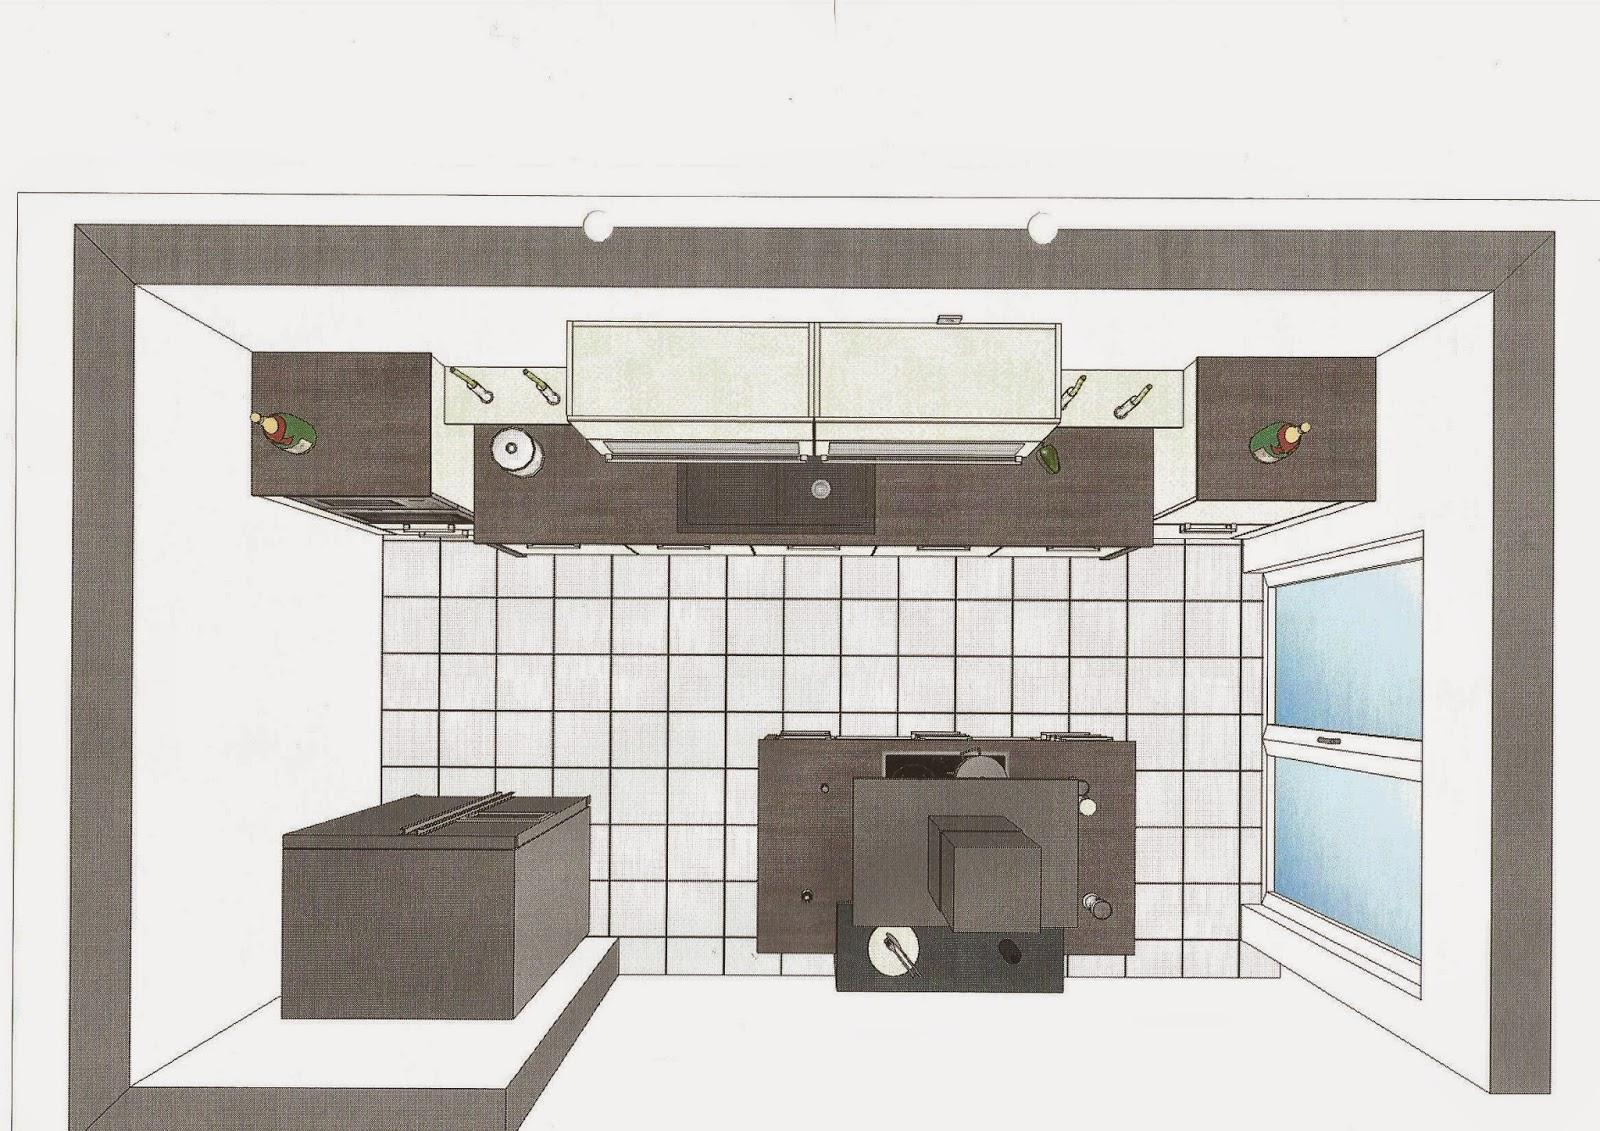 Baublog Heinz von Heiden! Unser Traum vom Haus: Die passende Küche ...